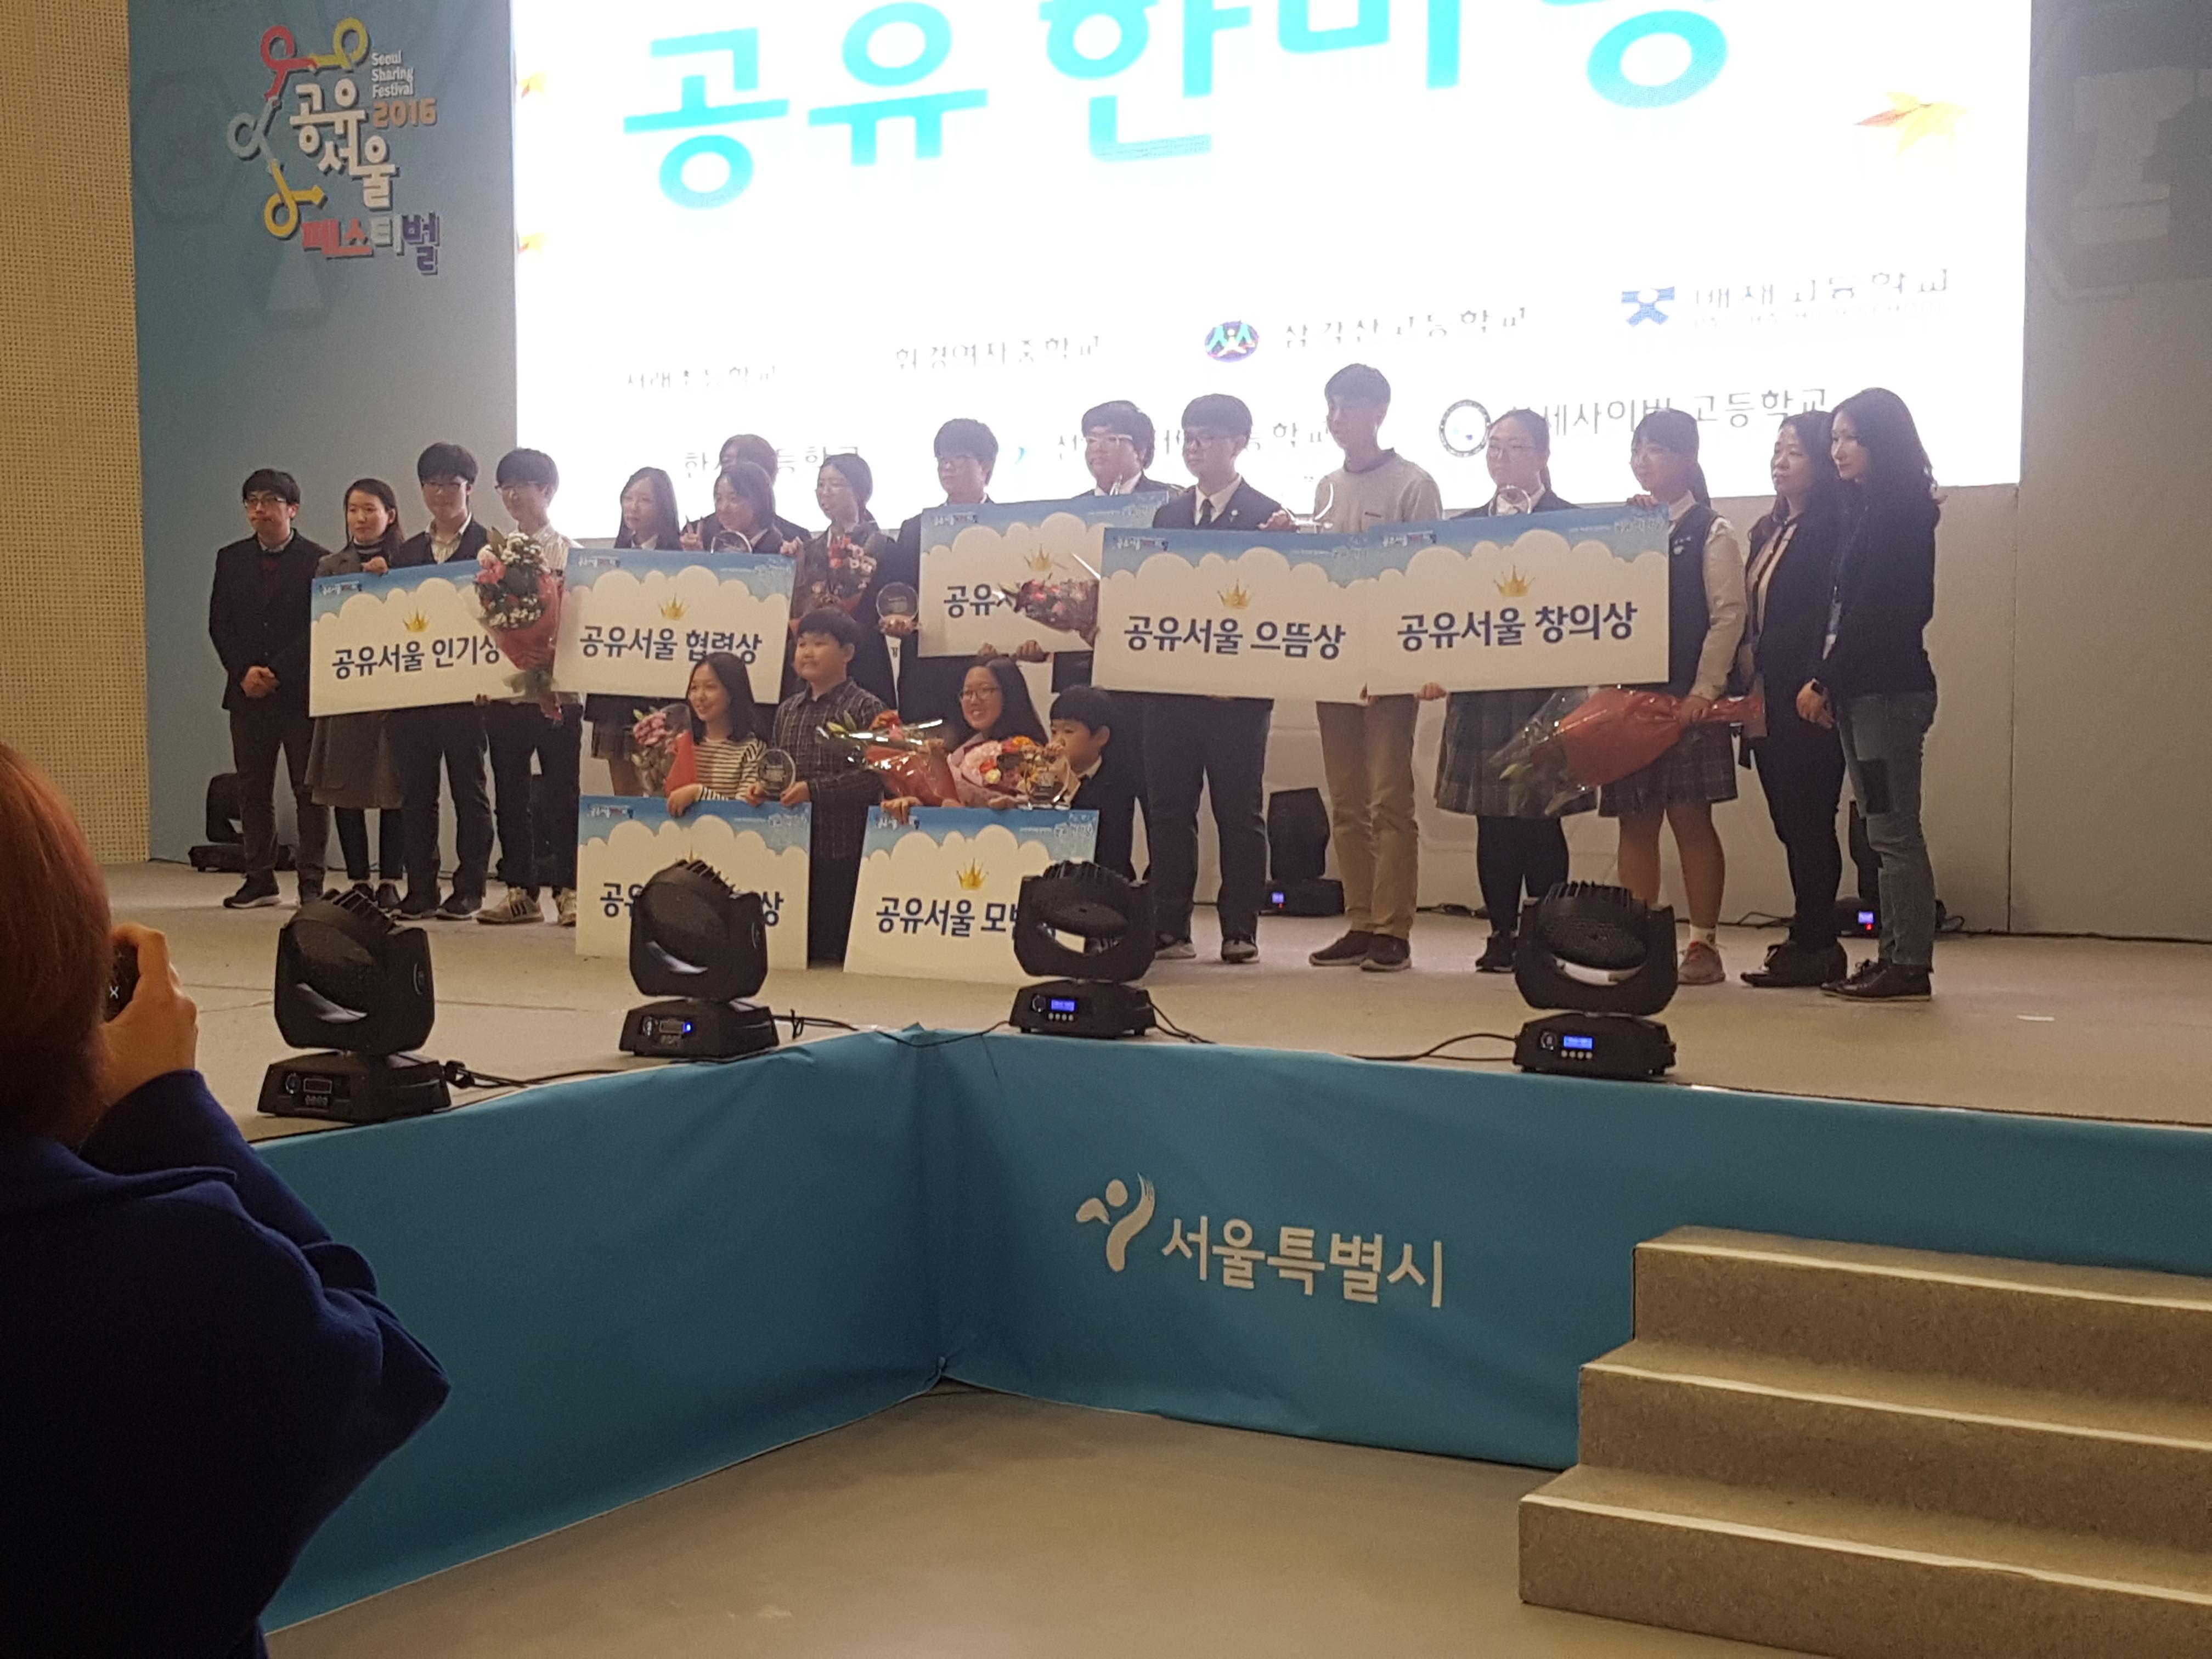 2016 공유서울페스티벌 학교공유한마당